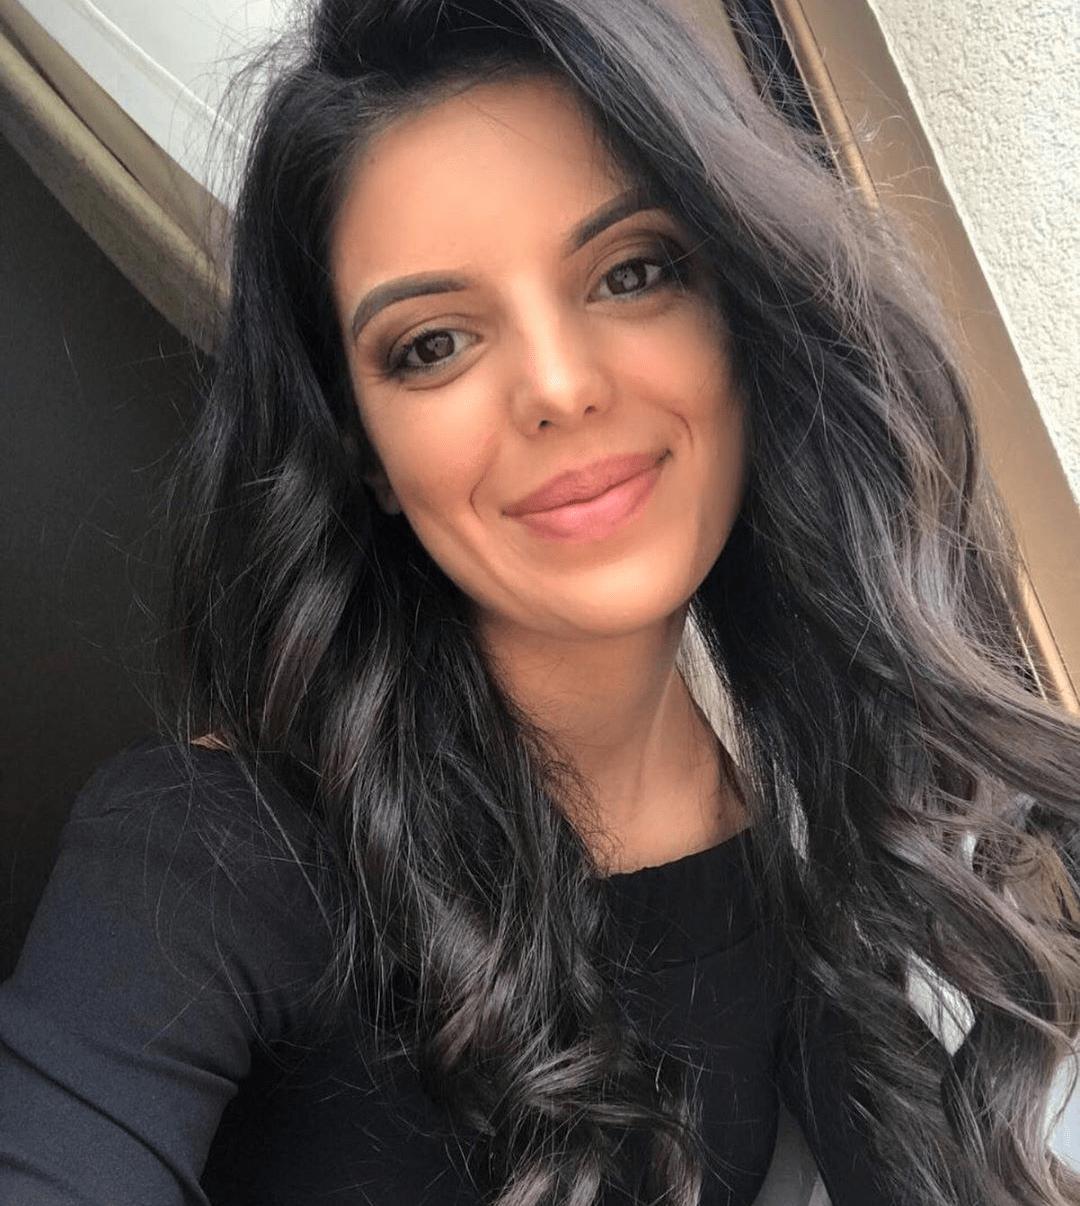 Kristina Jelić finalistkinja izbora za Miss Srbije 2019. - Požarevac, grad sa dve finalistkinje! 23844